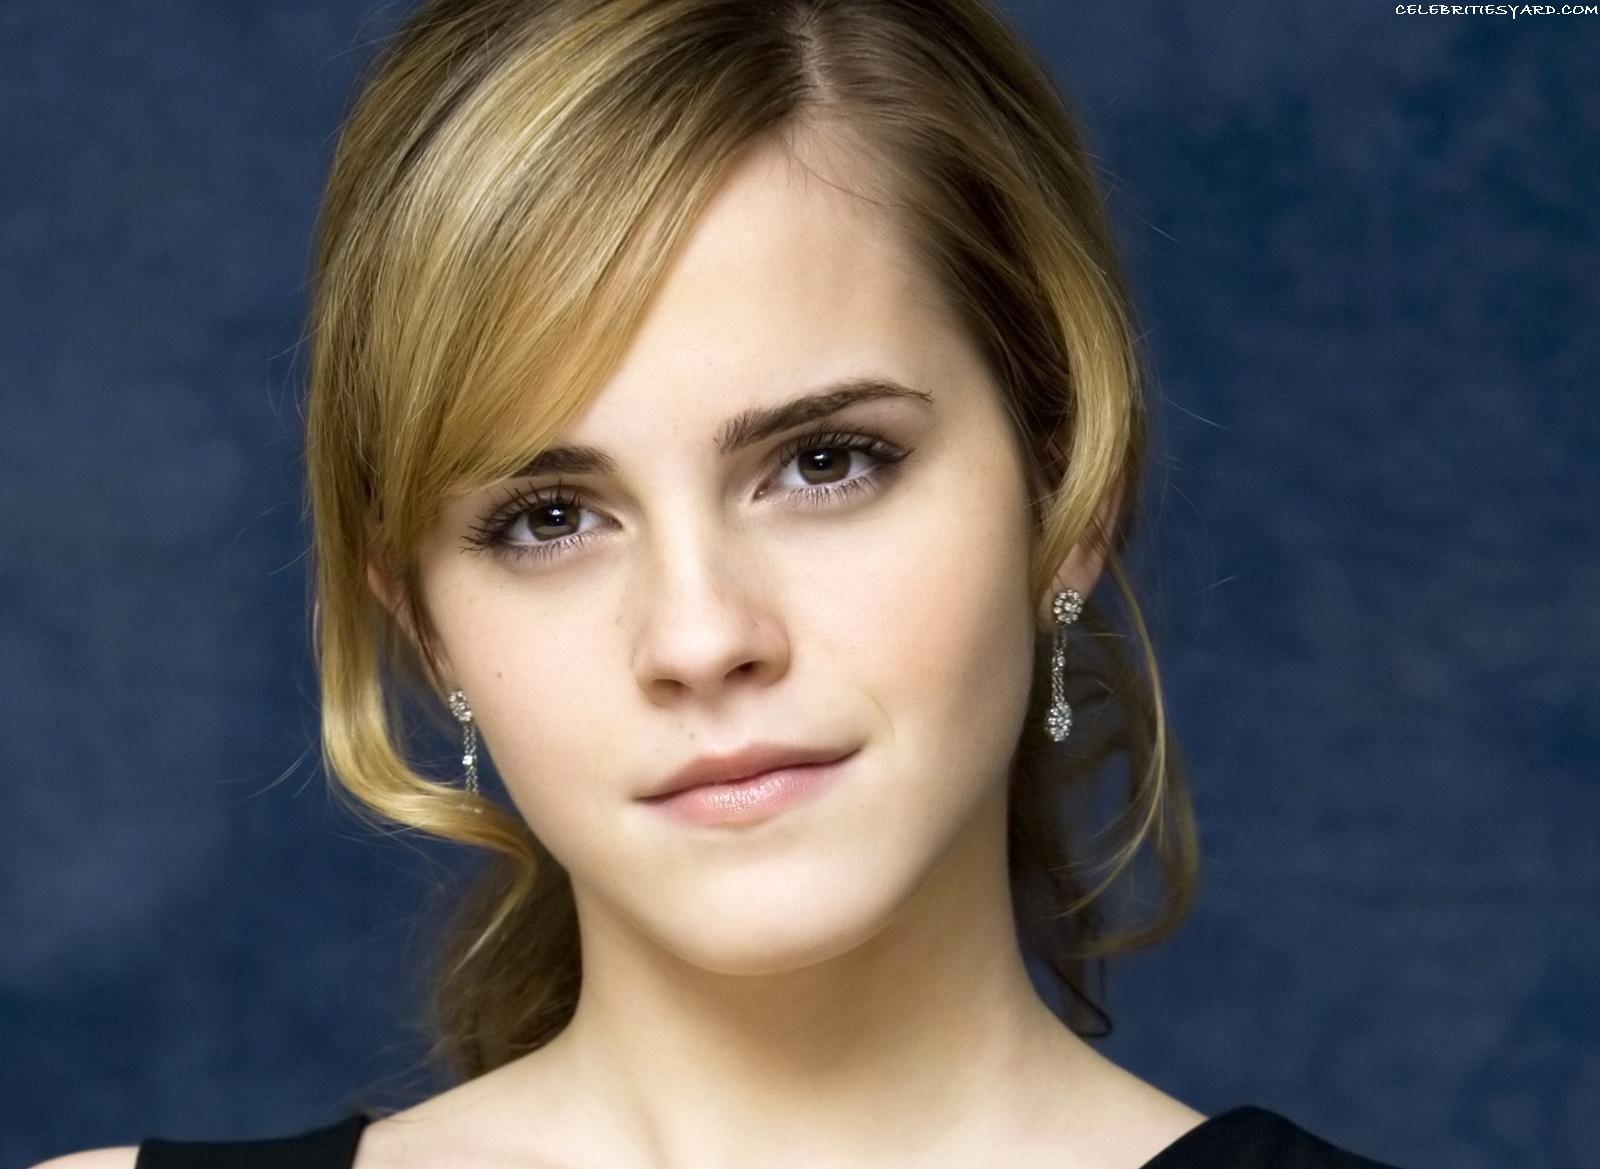 http://2.bp.blogspot.com/-UO-rNBnQYJY/Tt2y1GIfj0I/AAAAAAAABEc/sSe-JA3caVs/s1600/Emma+Watson+Beautiful+wallpaper+0.jpg